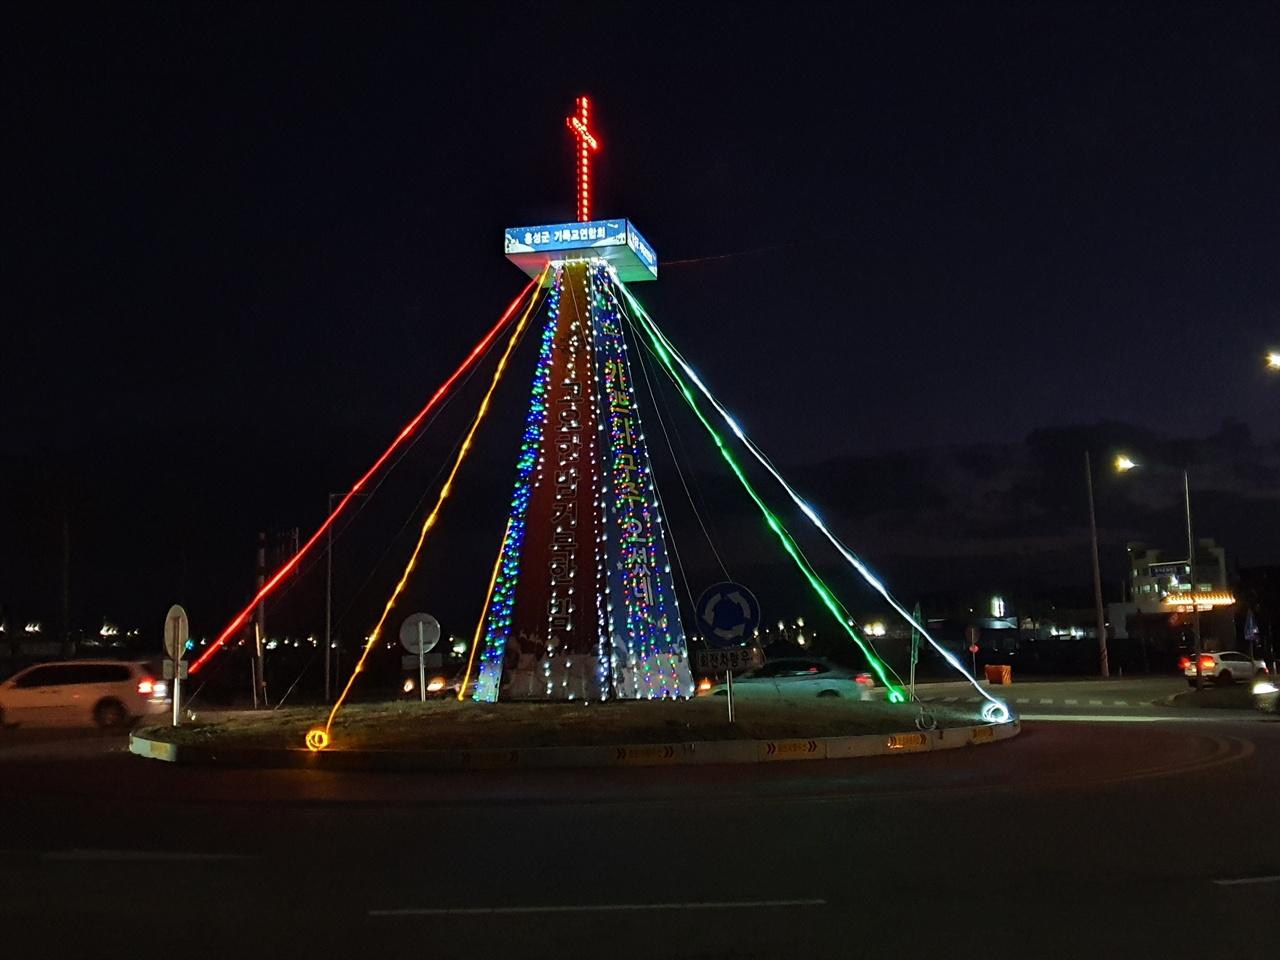 홍성군에서는 지난 1일부터 홍성 버스터미널 앞과 광천 오거리 회전교차로에 대형 성탄절 트리가 설치돼 성탄의 기쁨과 희망의 메시지를 주고 있다.